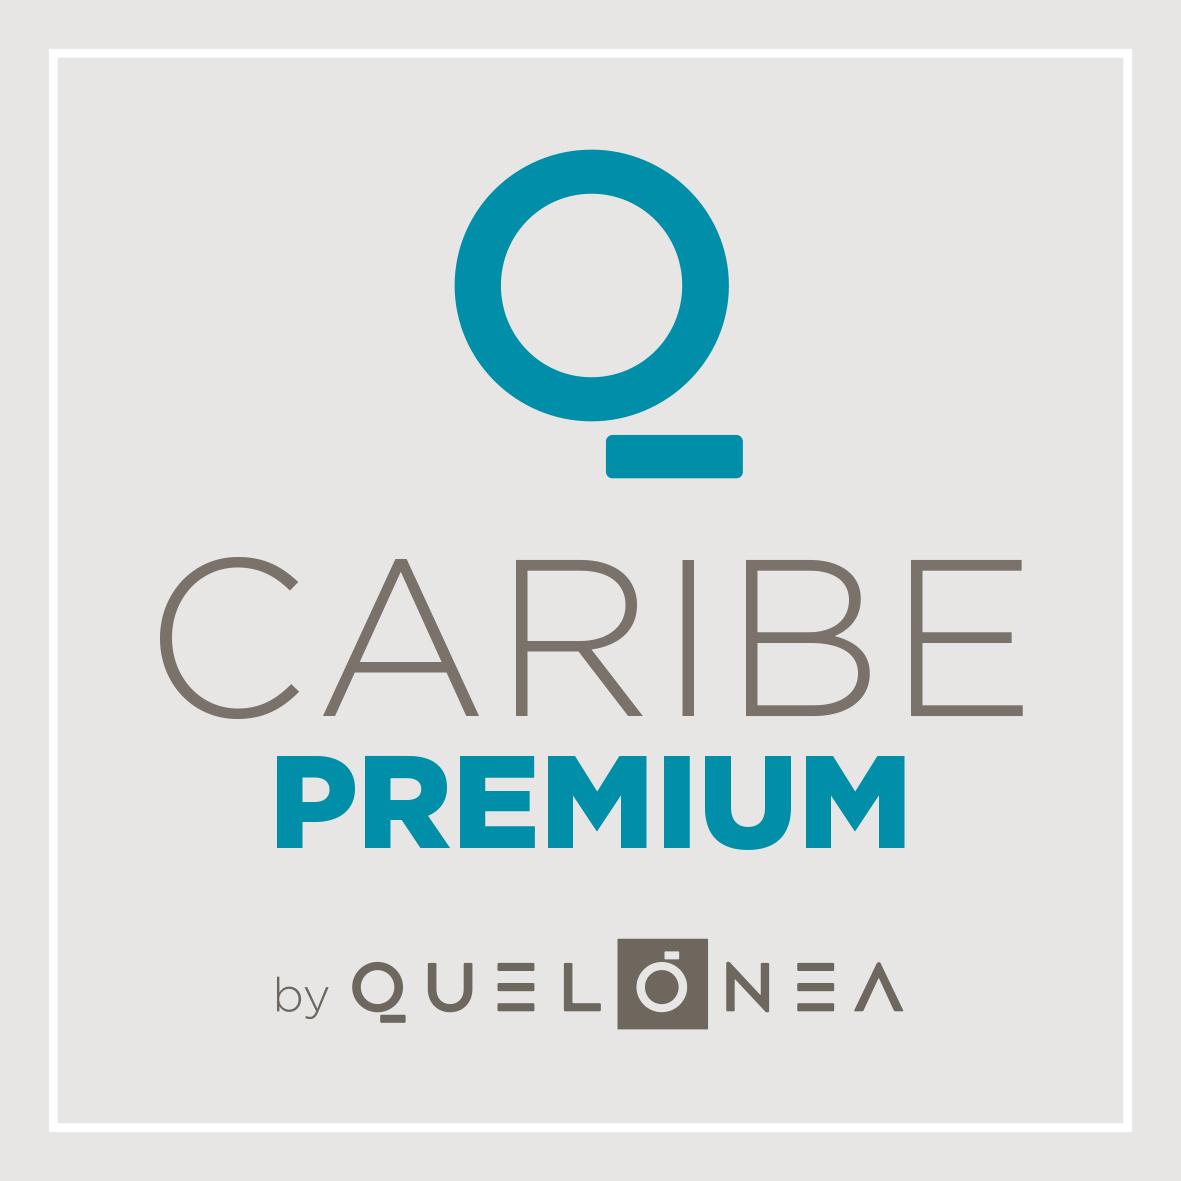 Estancias en Bayahibe (Caribe Premium)